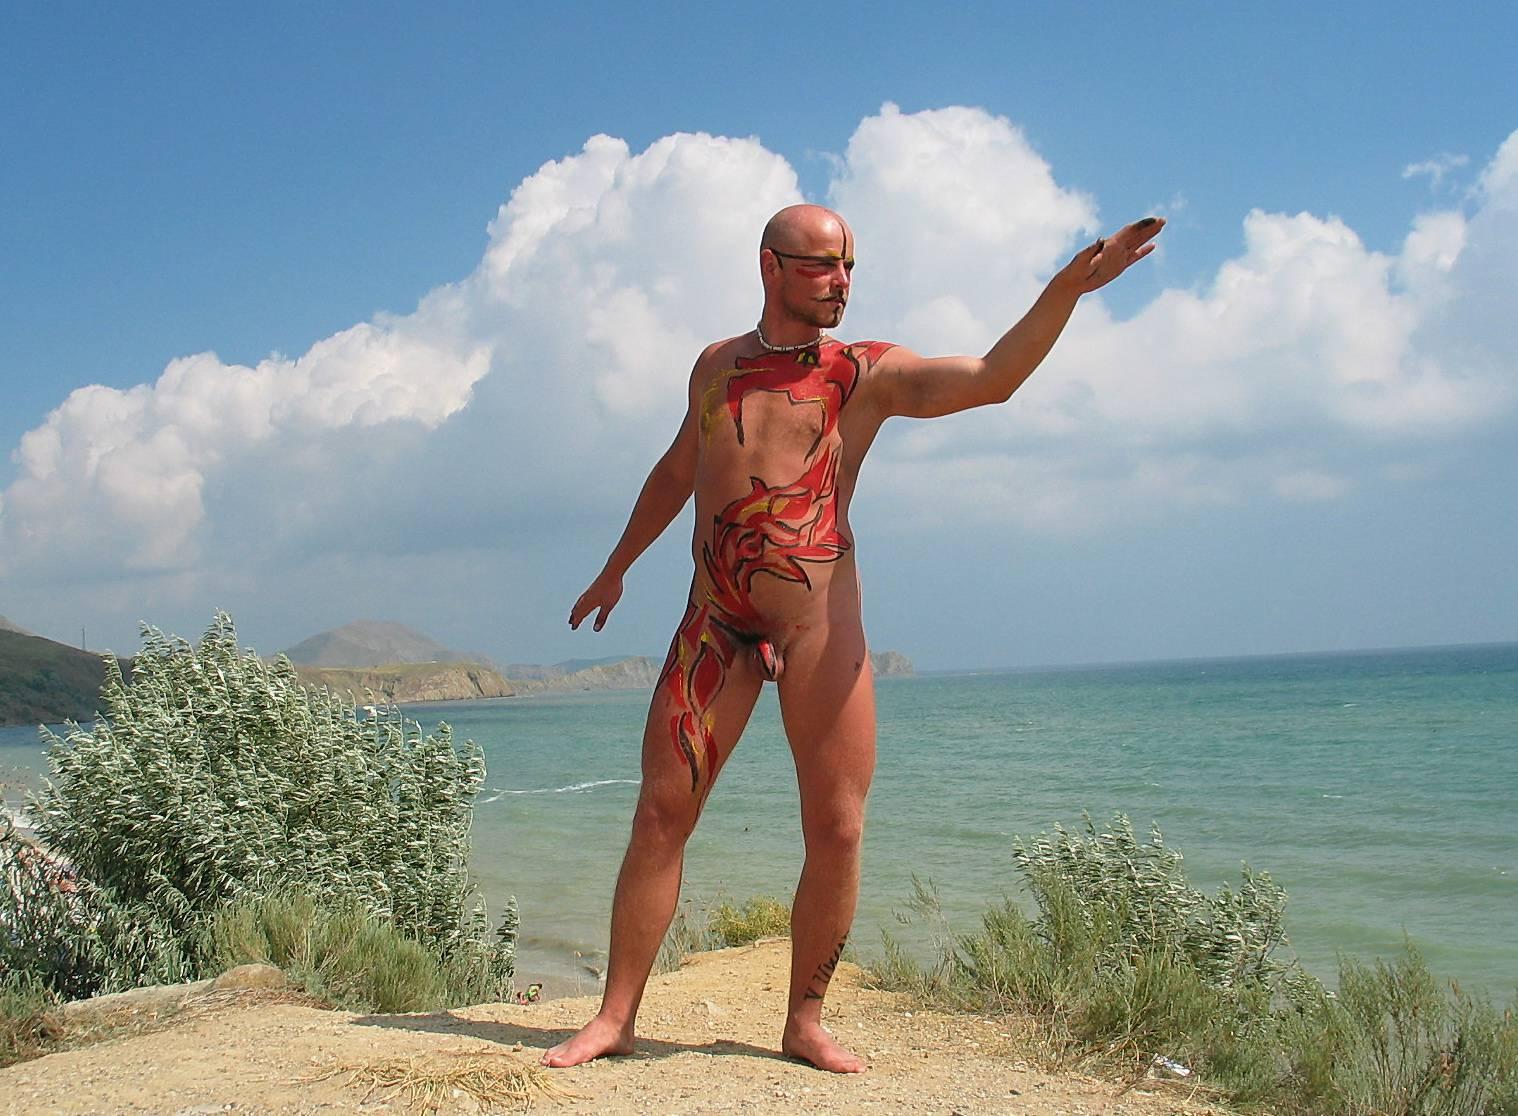 Nudist Photos Tropical Paradise Getaway - 1